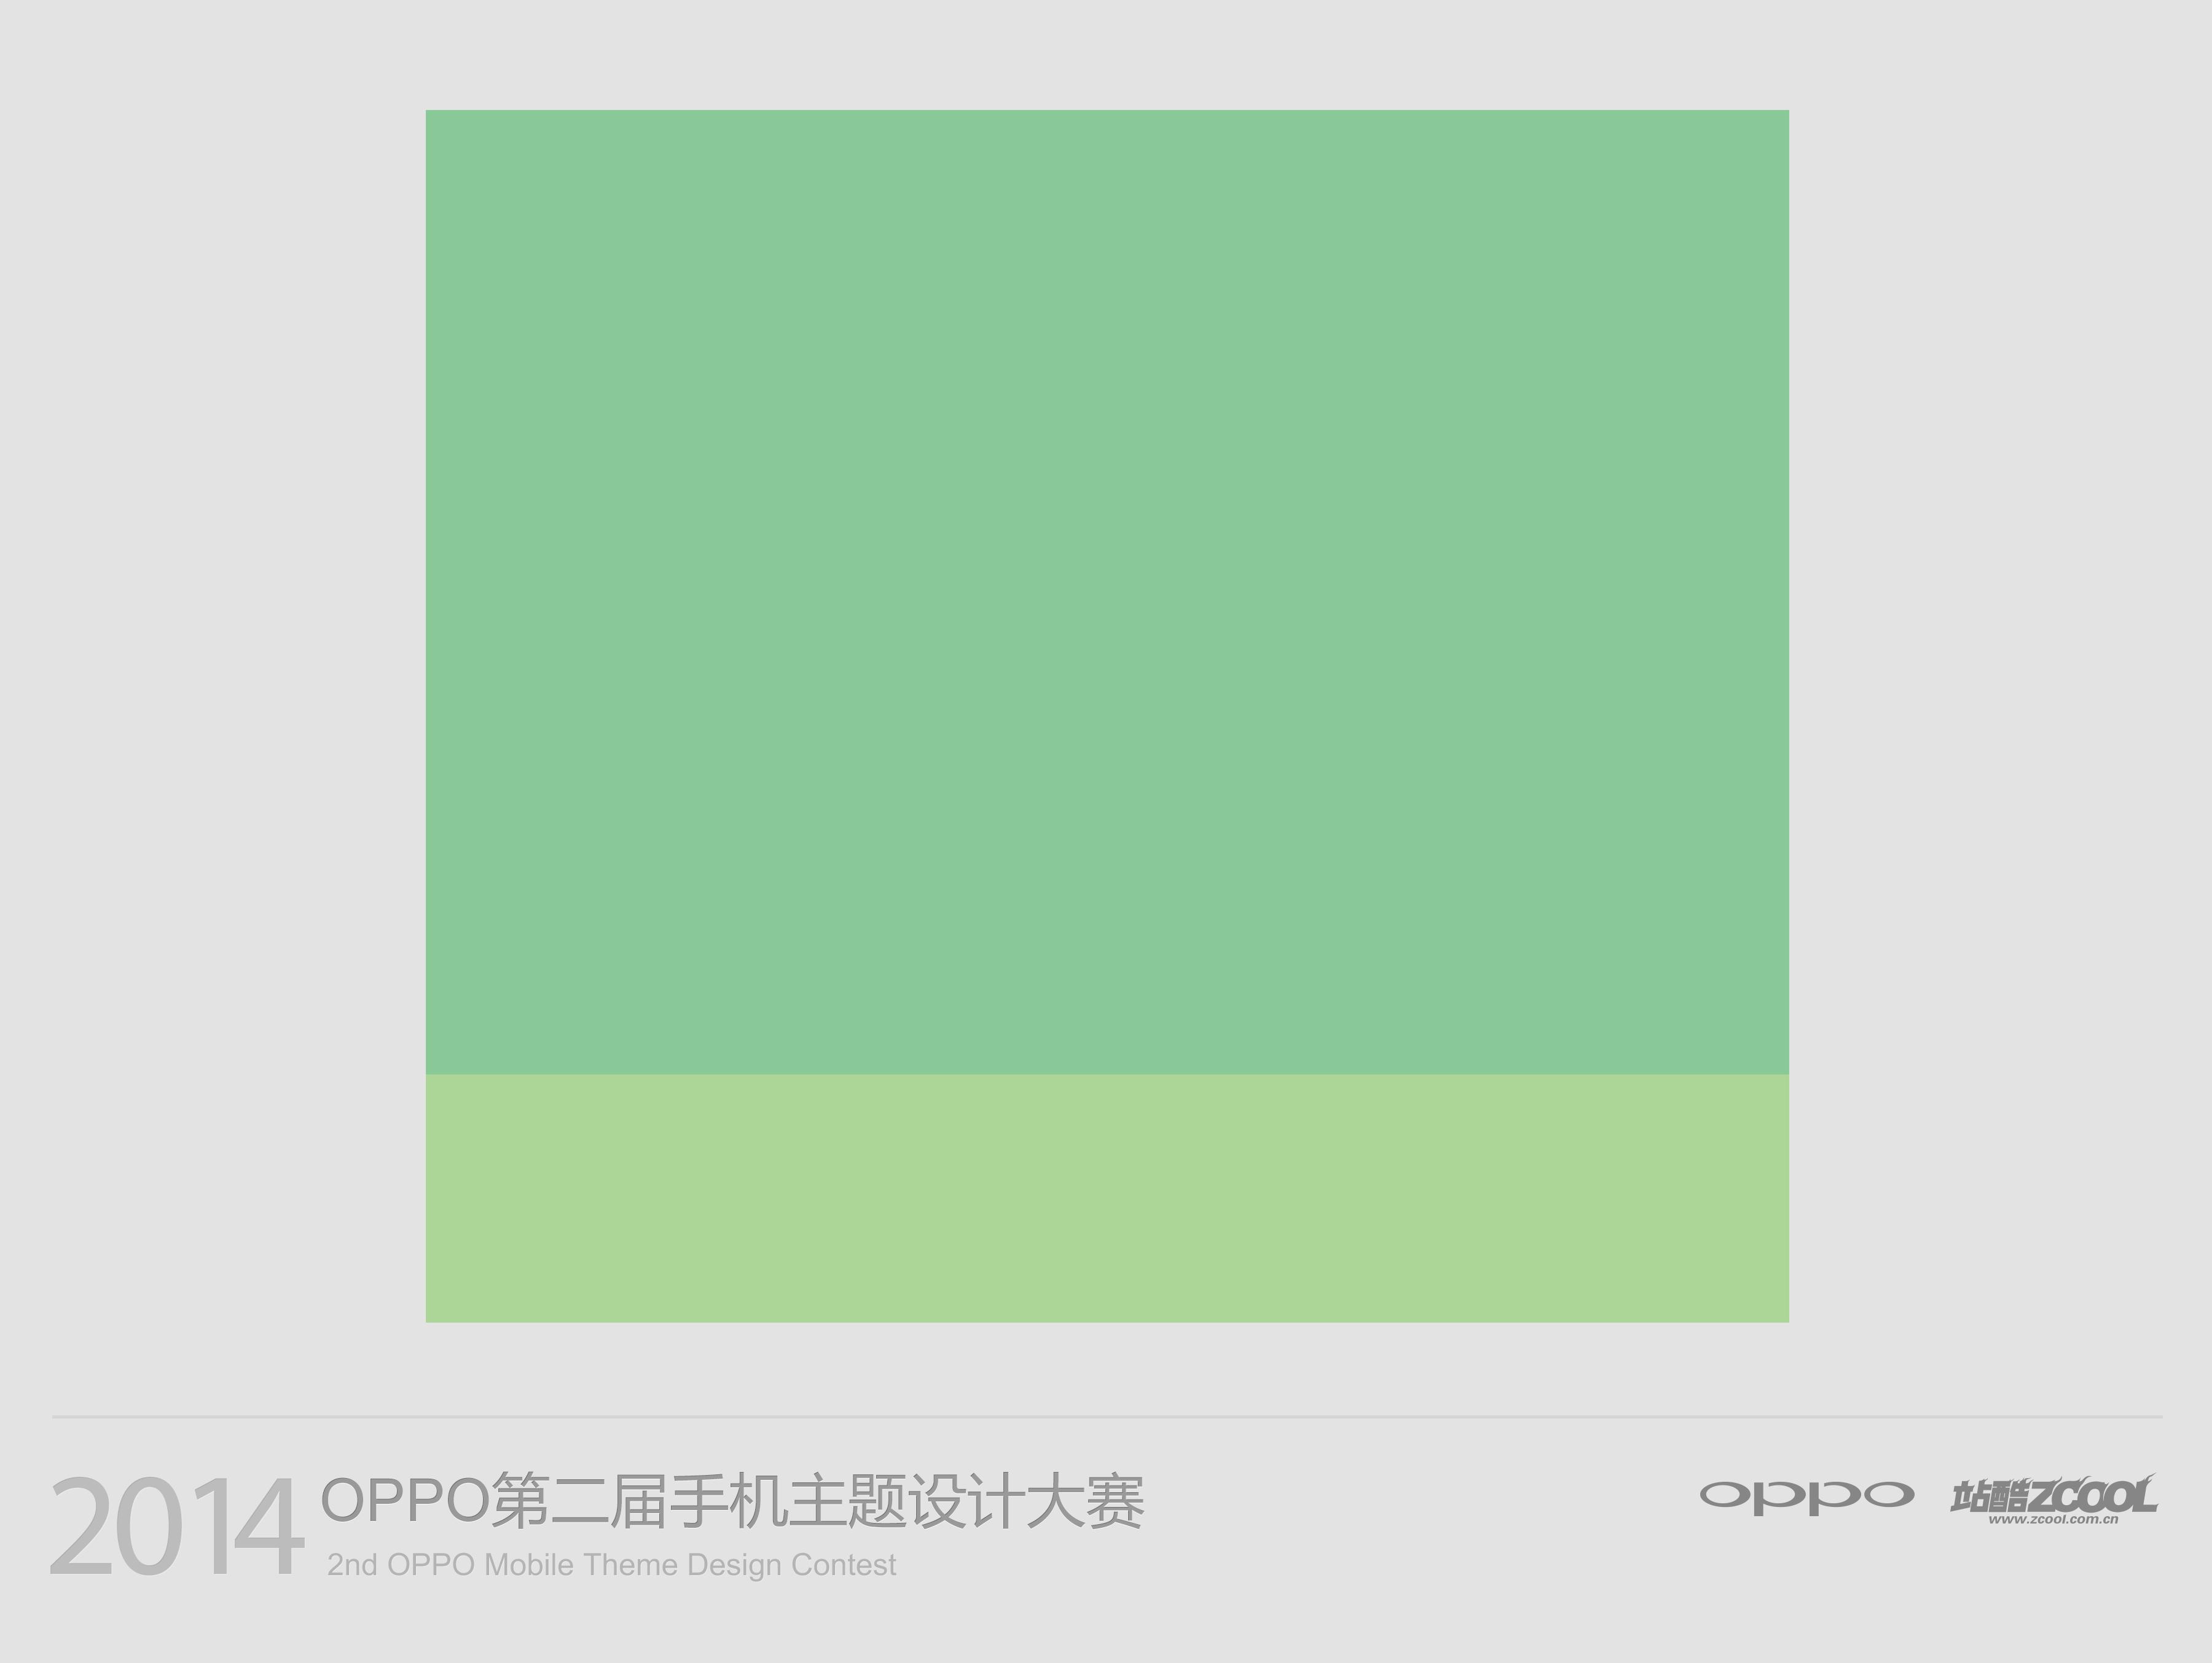 害羞的小怪-移动设备/APP界面-GUI